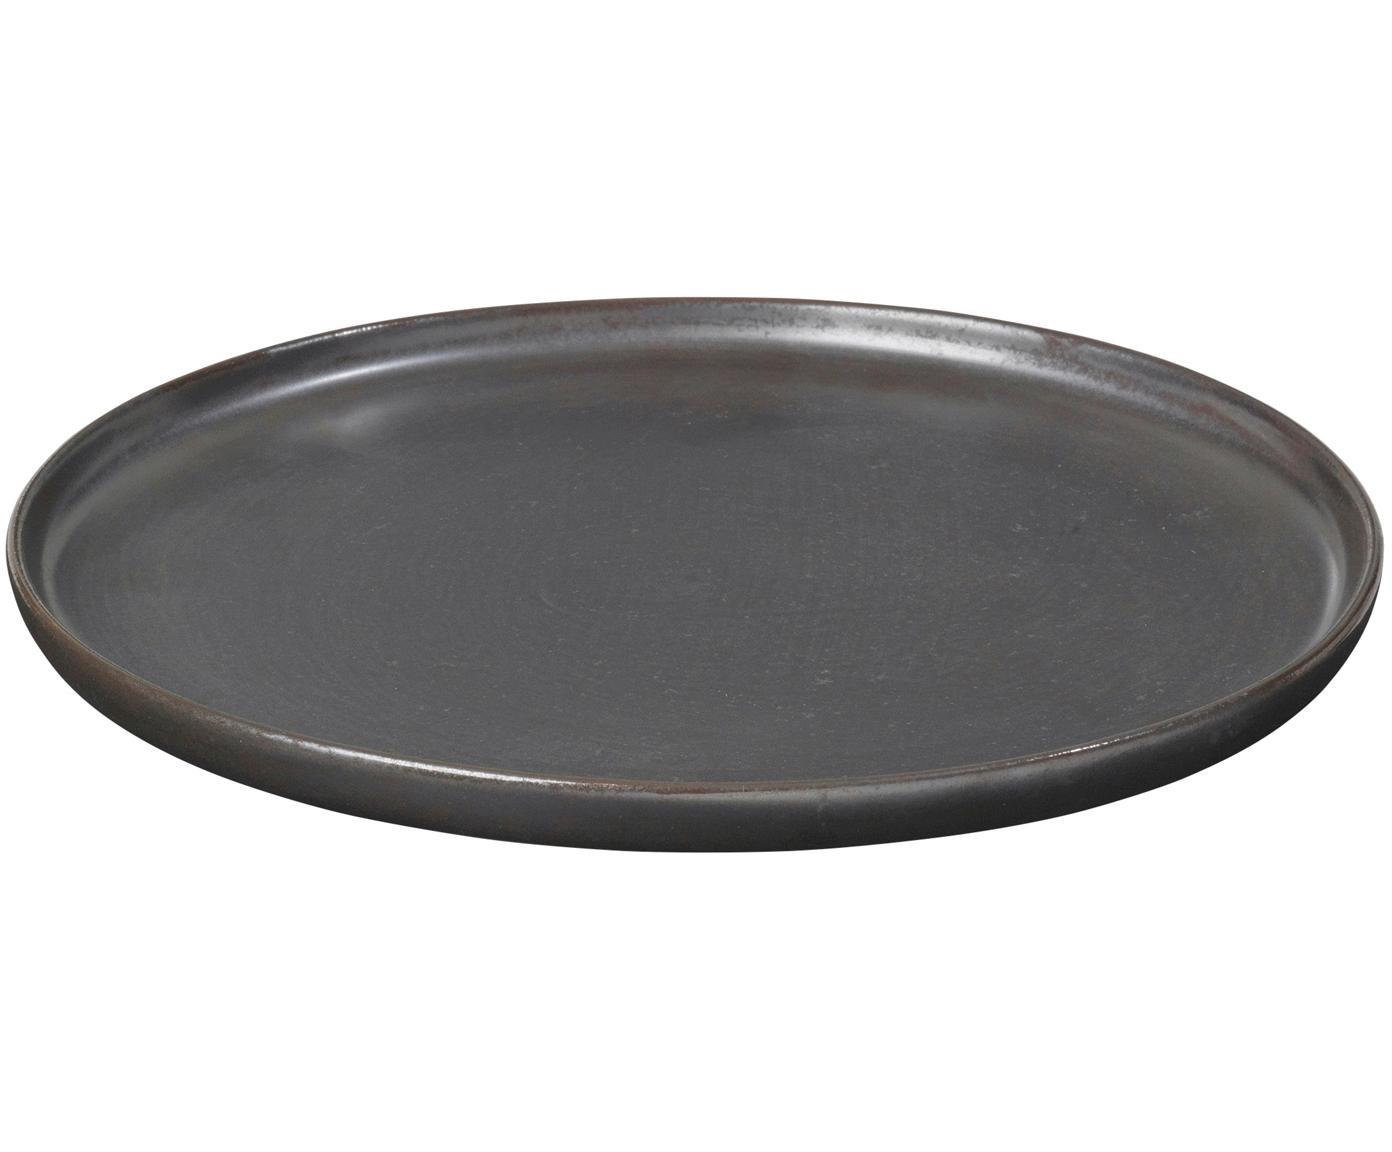 Piatto da colazione fatto a mano Esrum Night 4 pz, Gres smaltata, Marrone grigiastro lucido argenteo opaco, Ø 21 cm